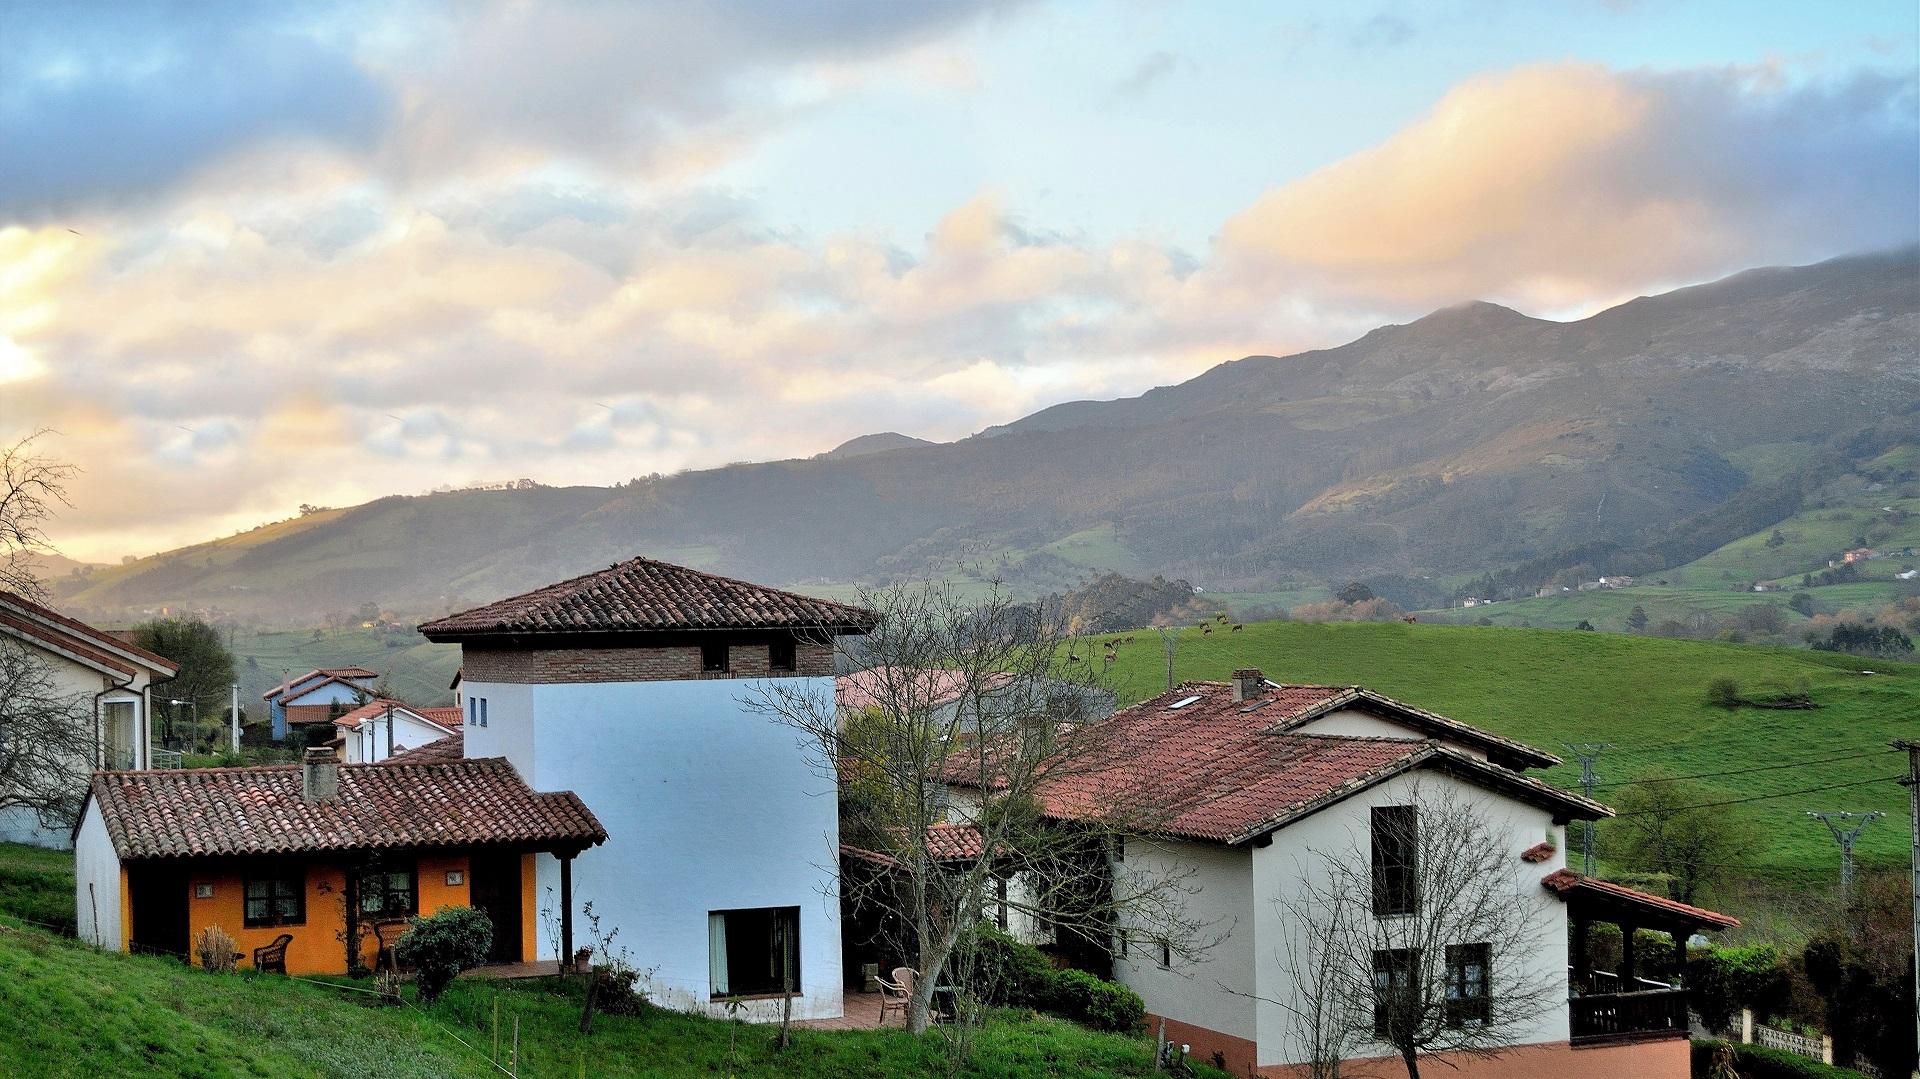 turismo rural socialtur